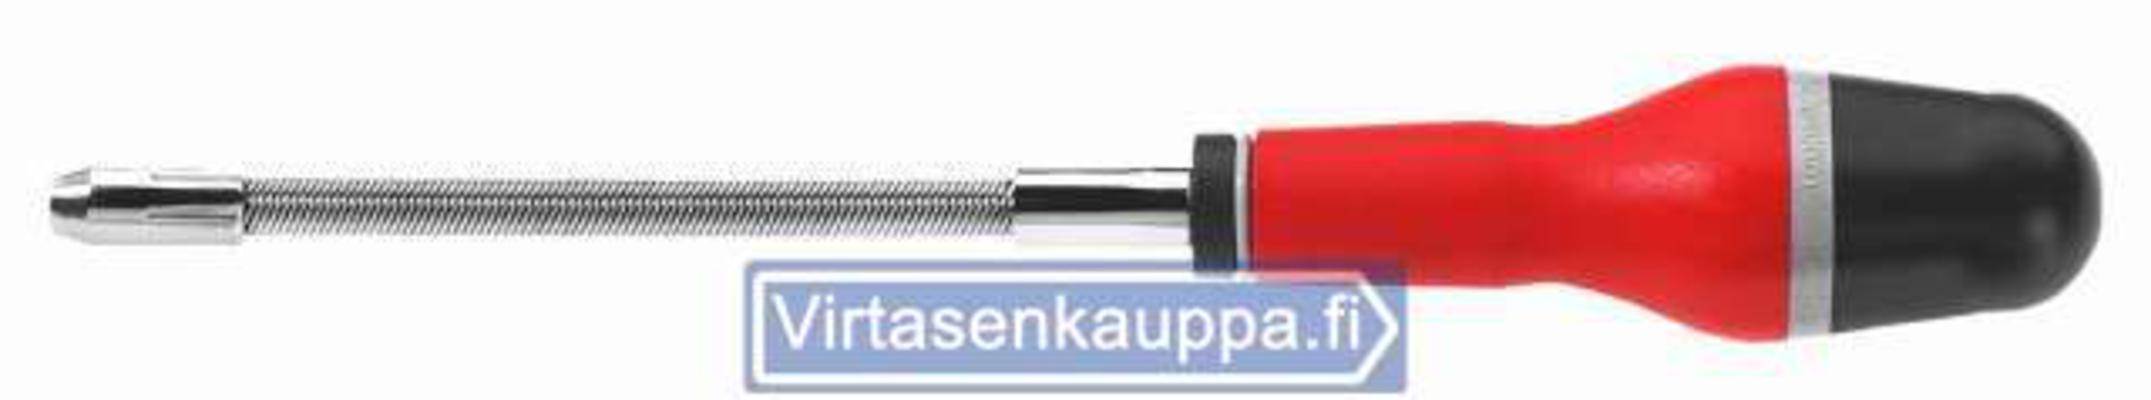 Taipuisa ruuvitaltta, Facom D.133A4 - 4 mm